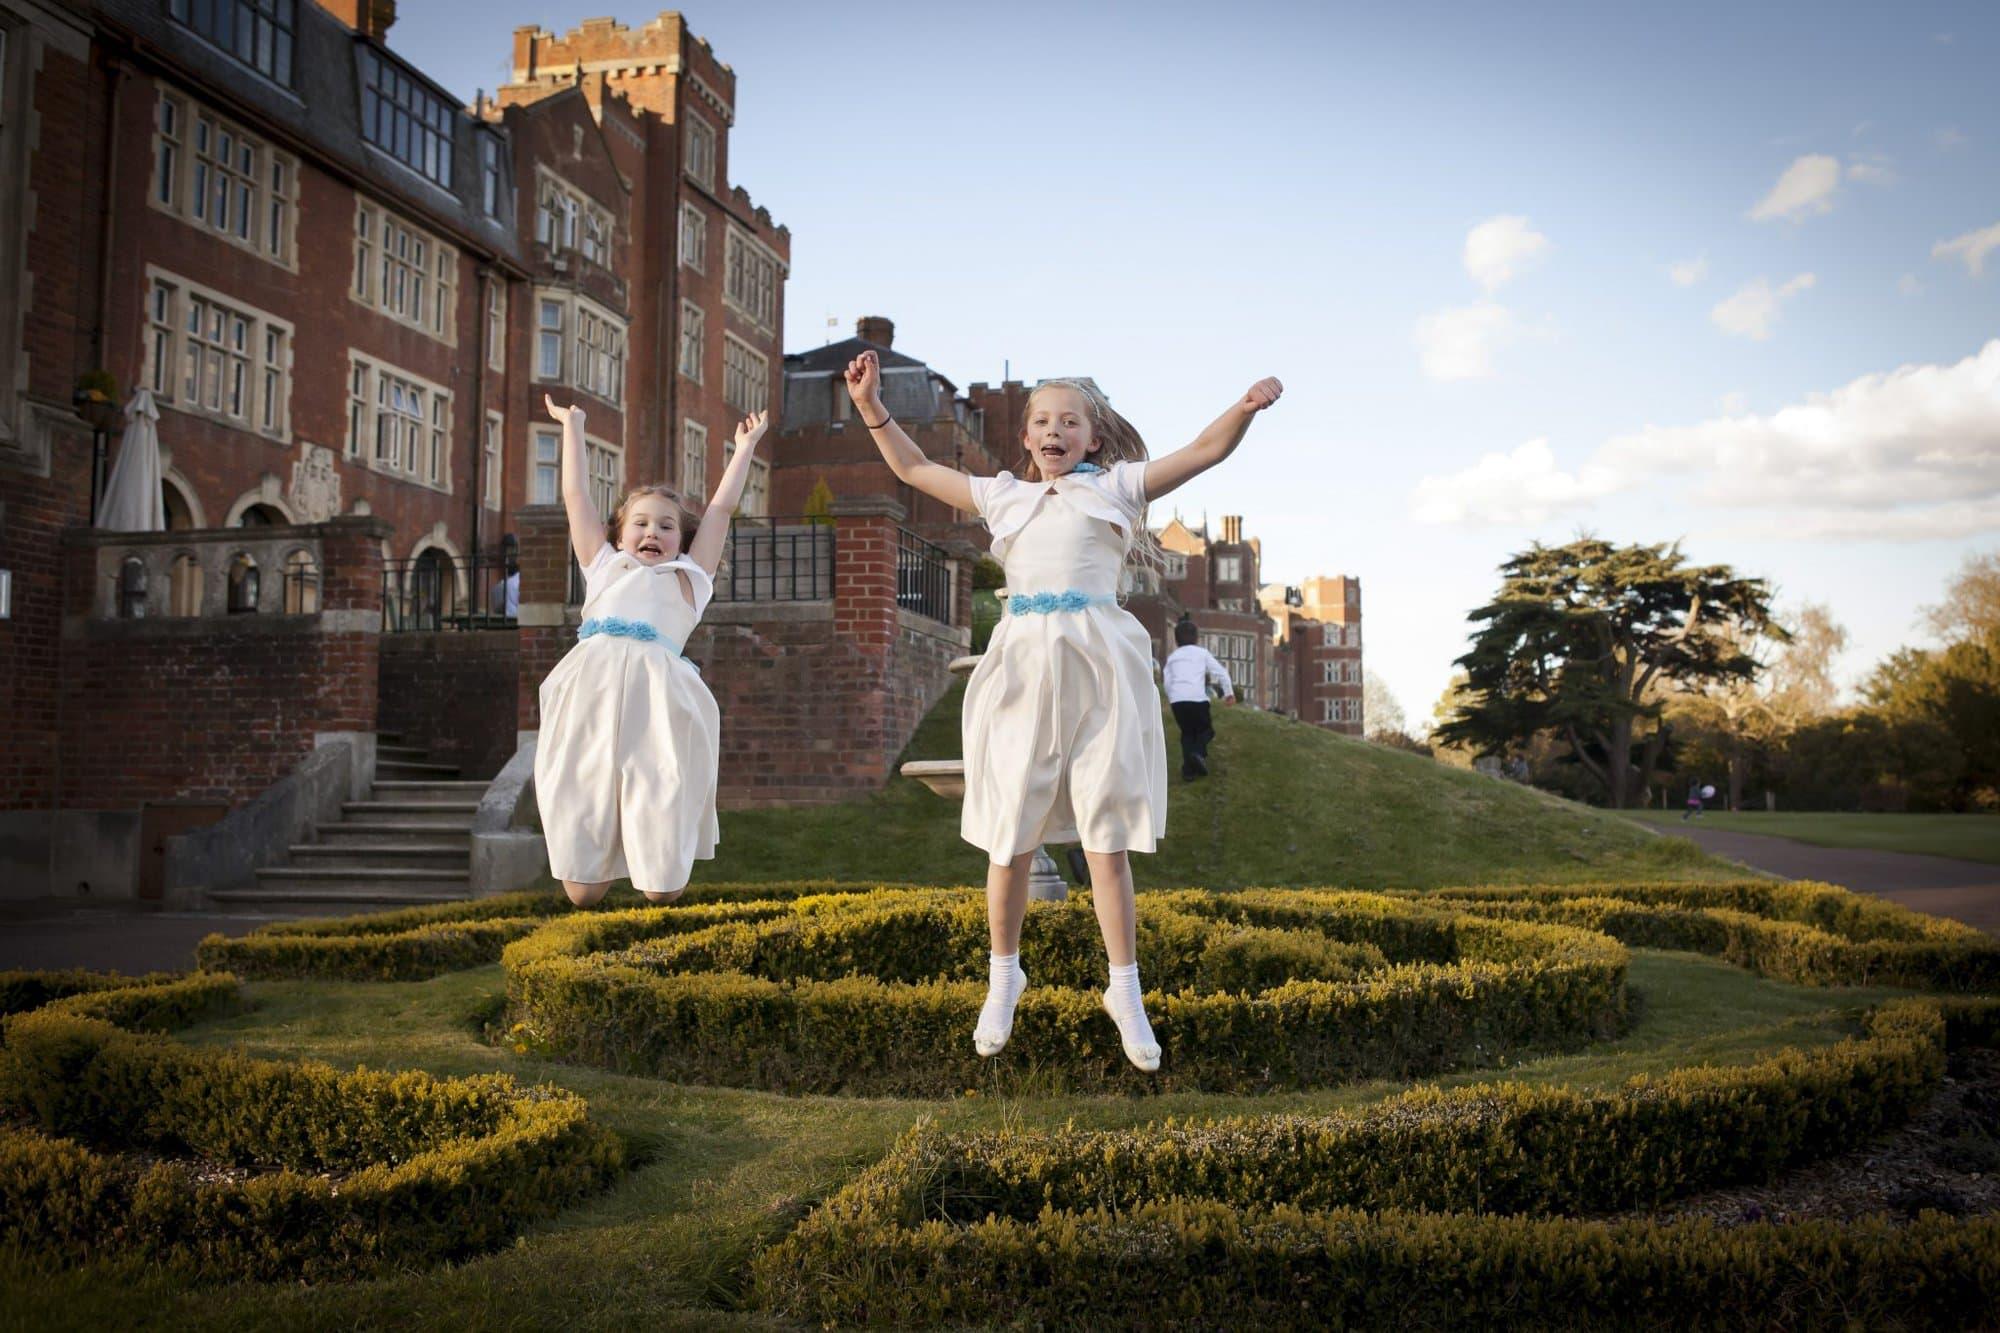 Fun image of bridesmaids jumping in air taken by wedding photographer Kent